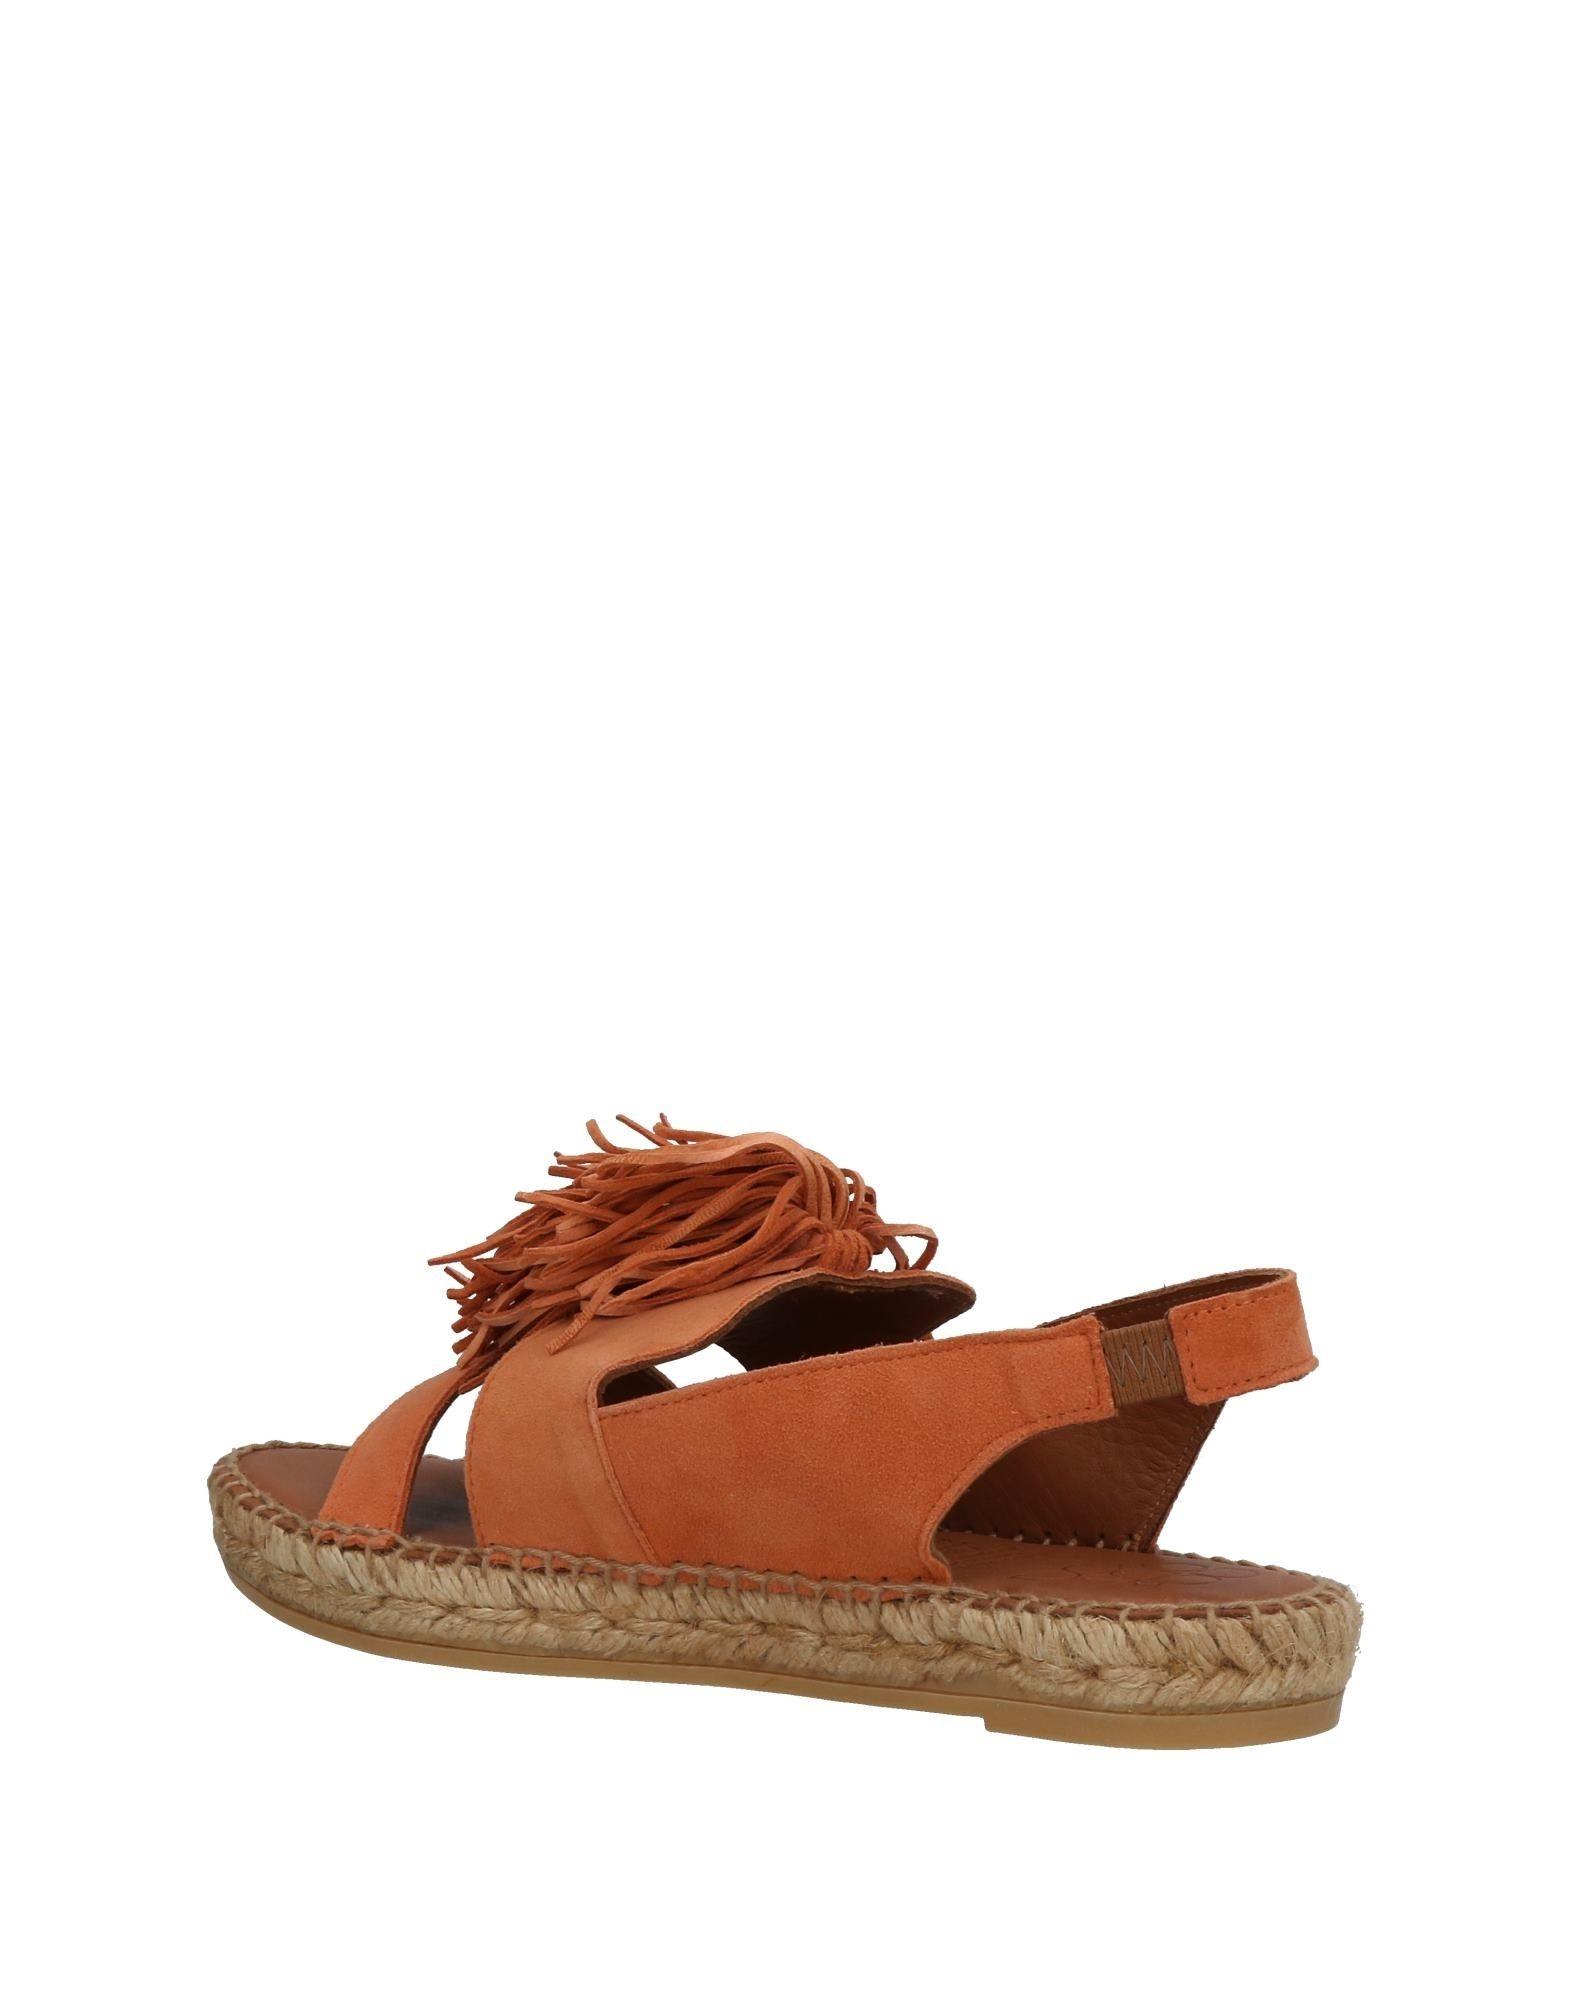 Naguisa Sandalen Damen  11445614TB Gute Qualität beliebte Schuhe